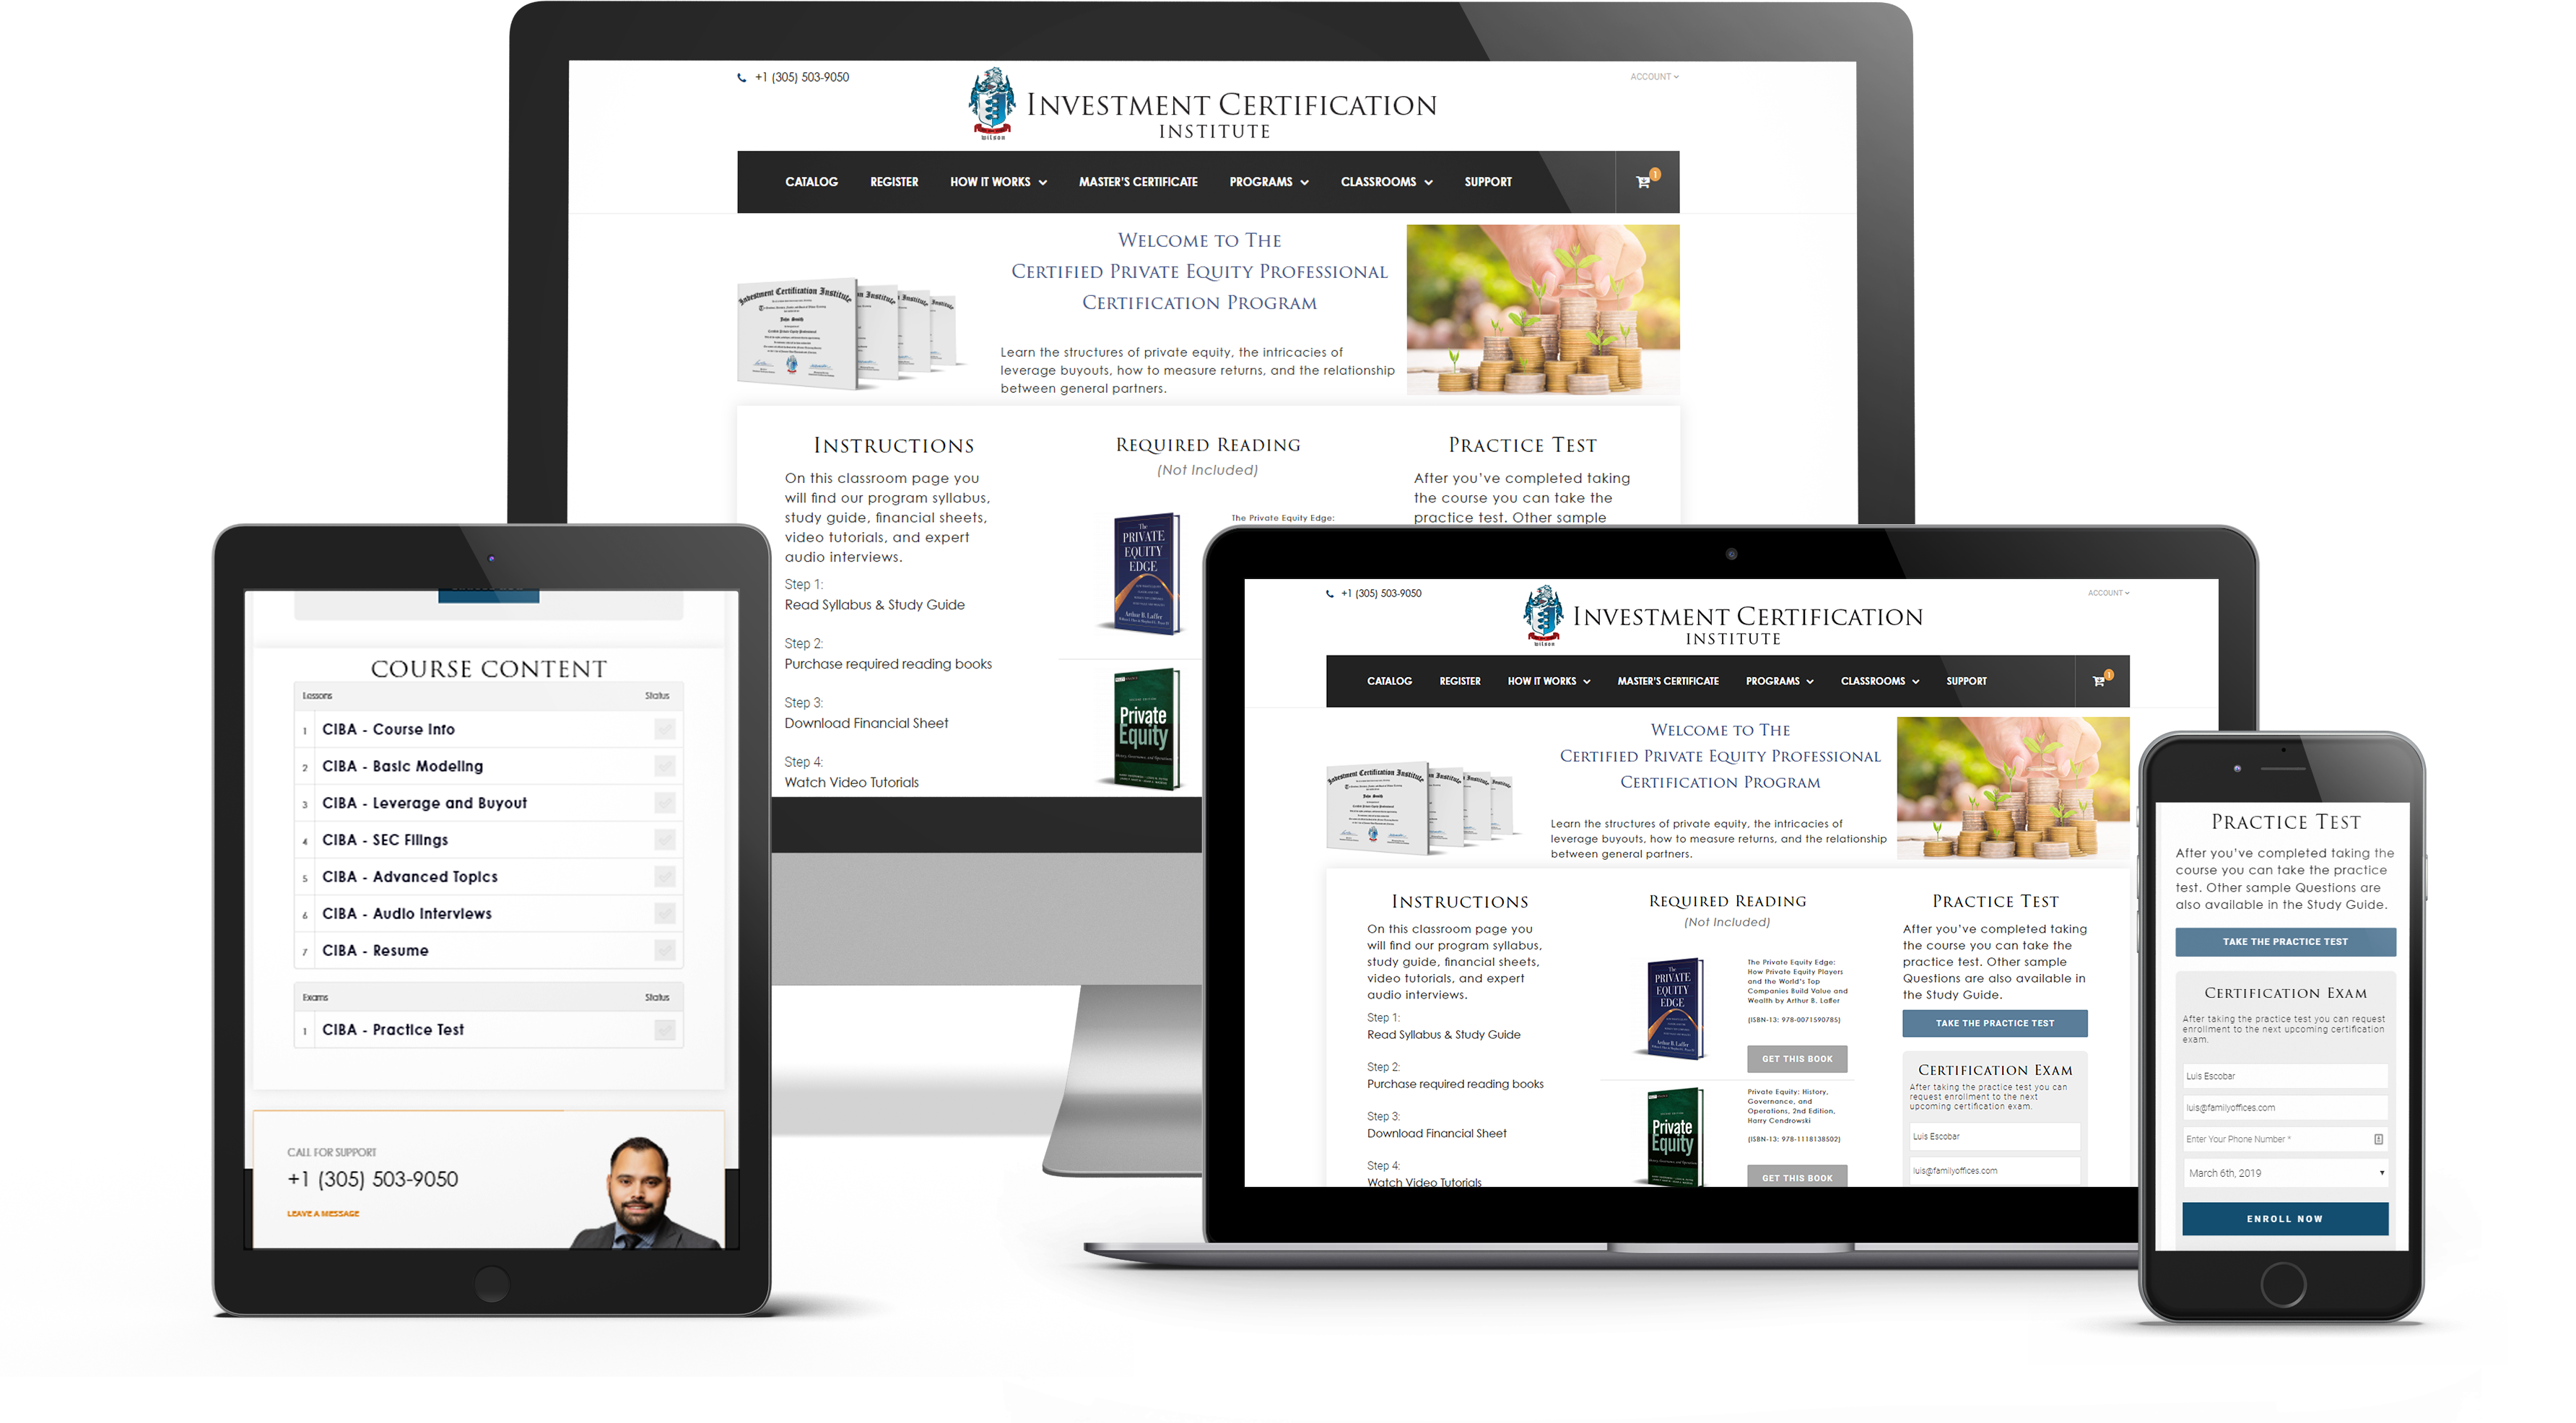 Investment Certification Institute